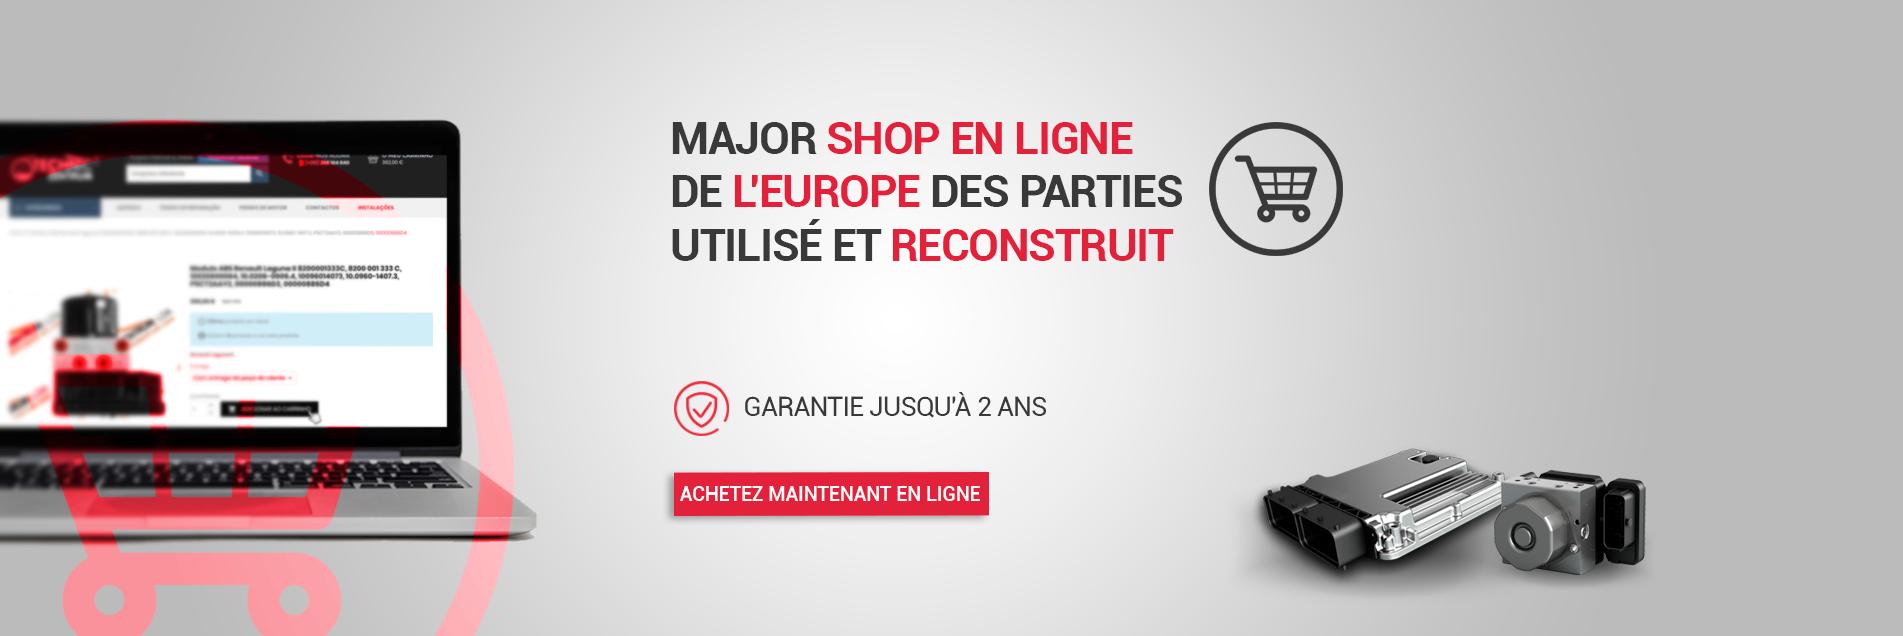 Major shop en ligne de l'Europe des parties utilisé et reconstruit